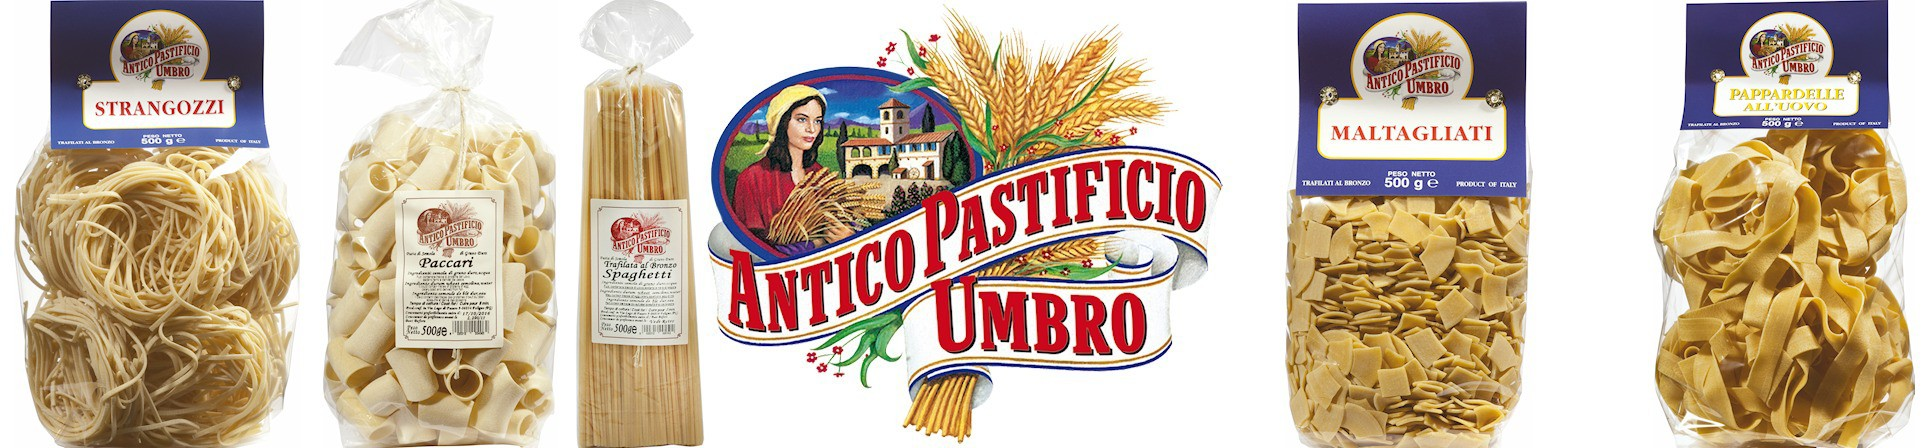 Pasta artigianale PASTIFICIO UMBRO - Vendita Online